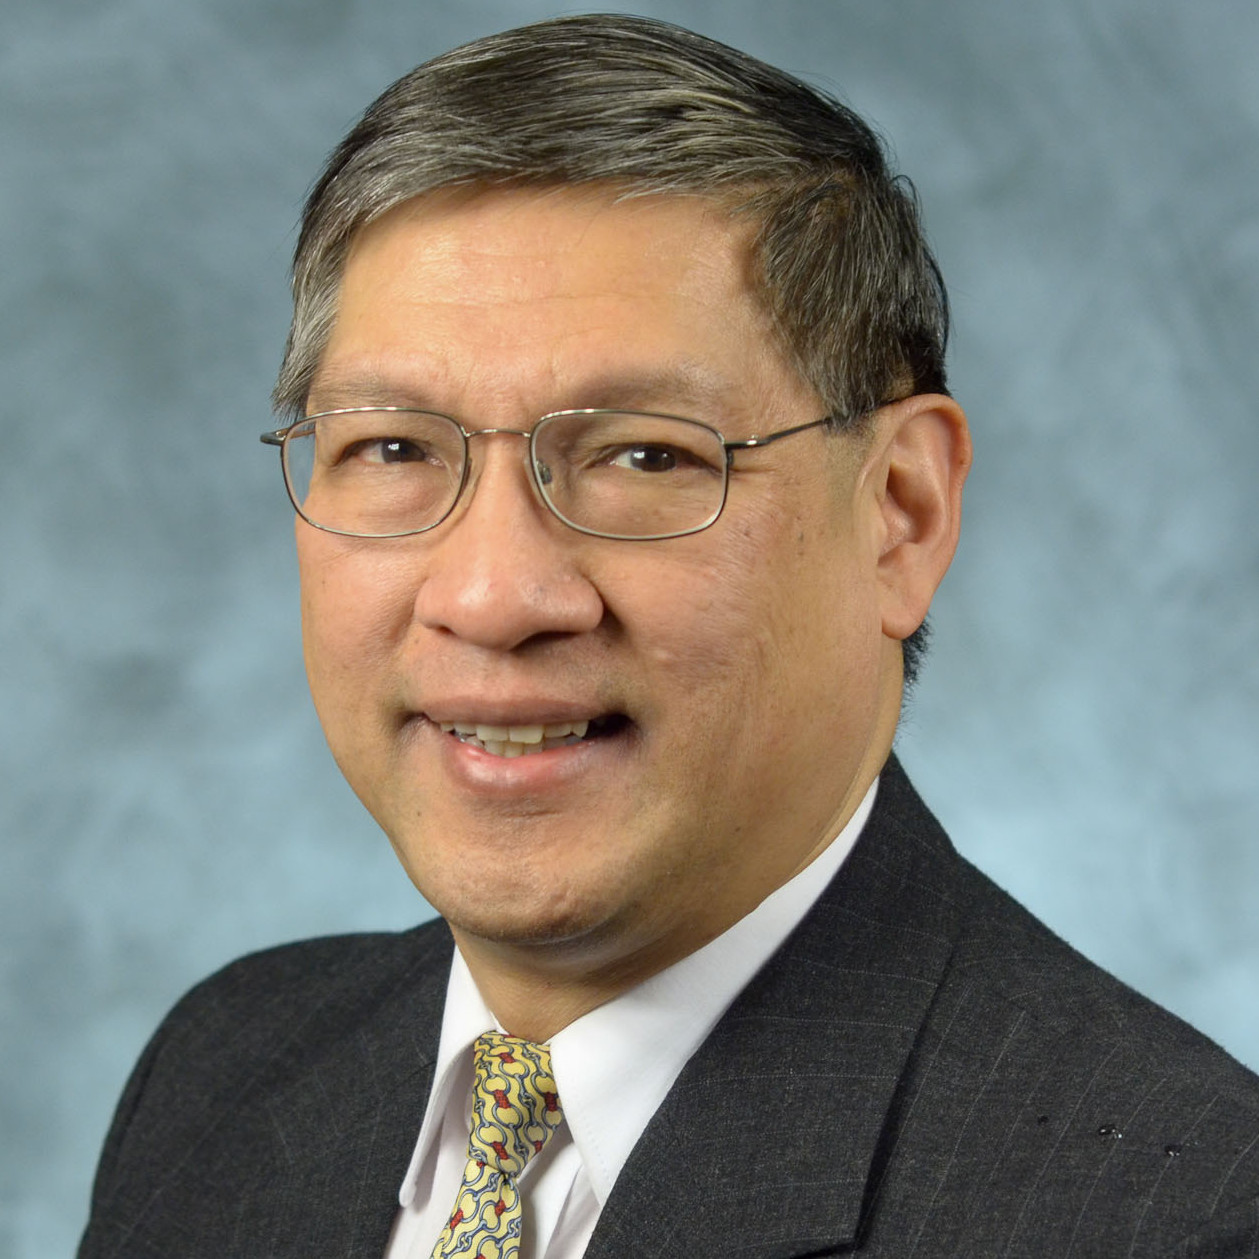 Pastor Steven Chin